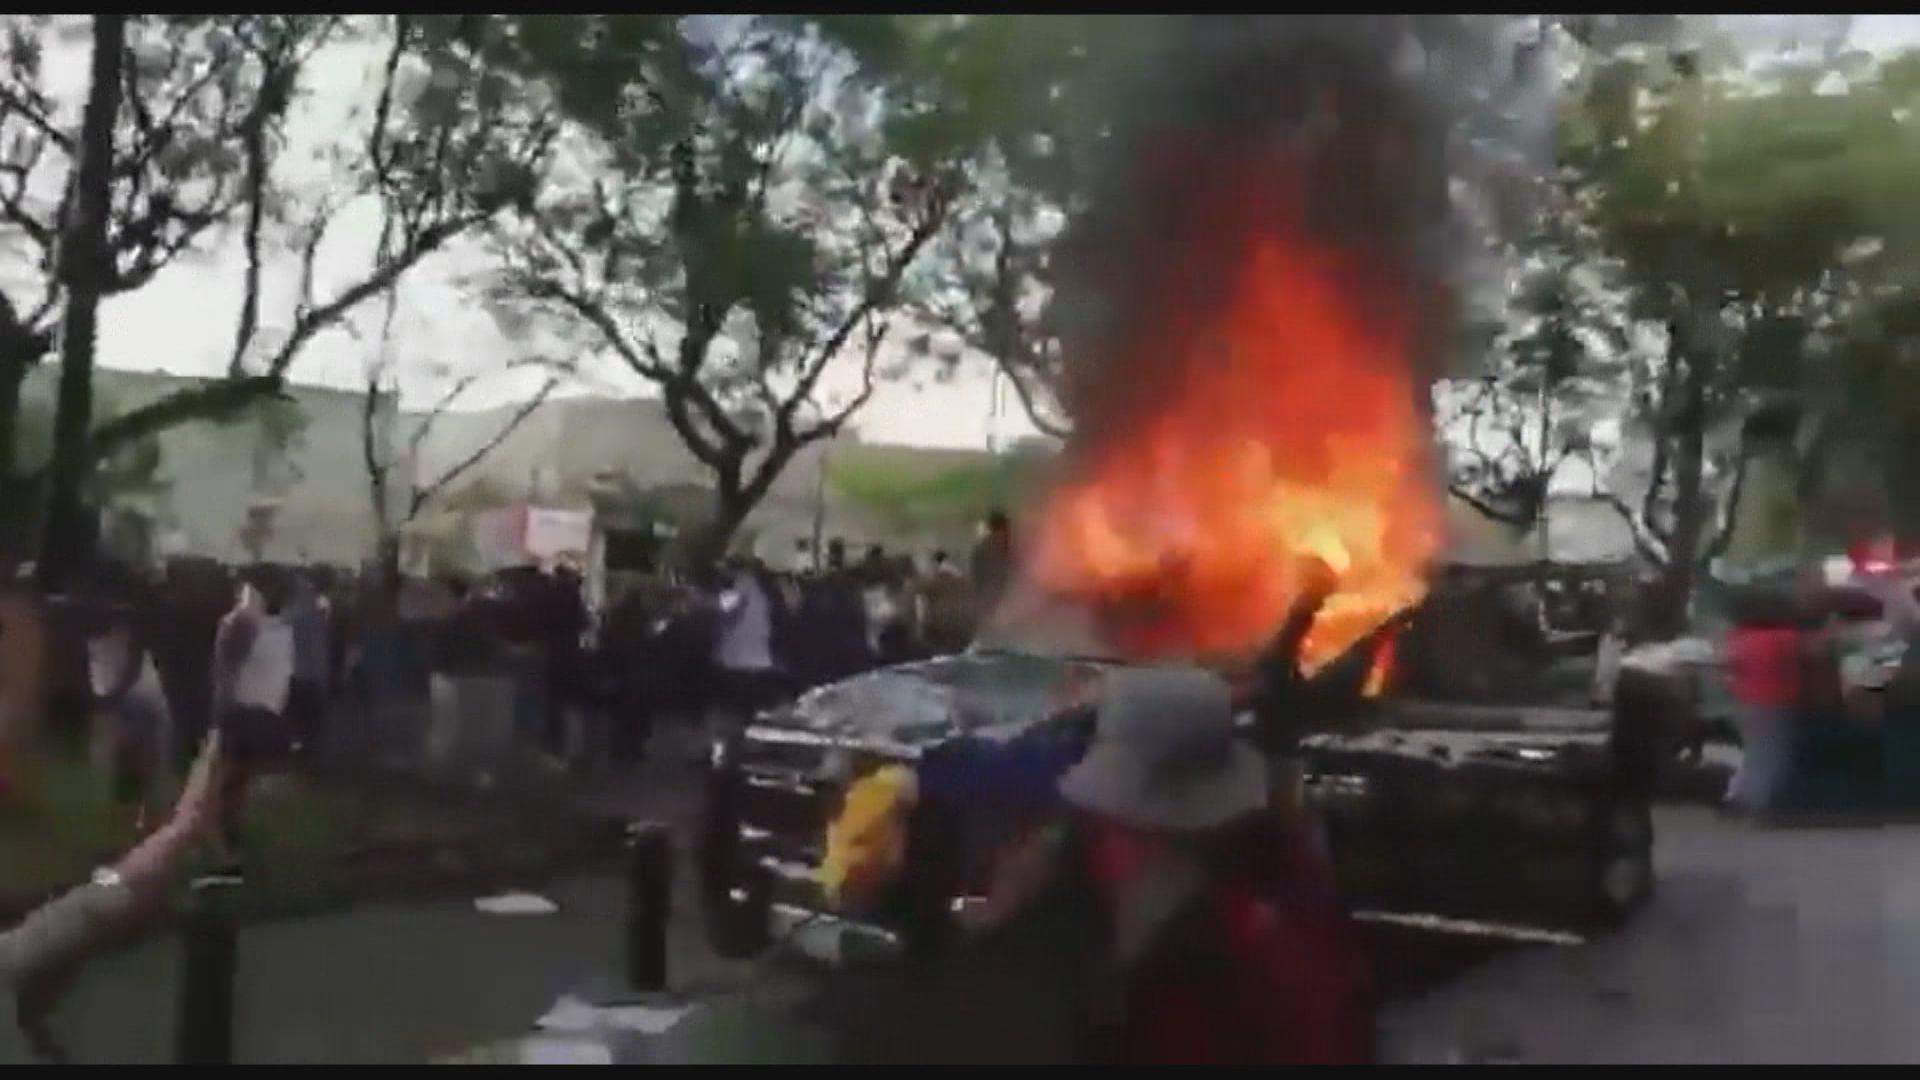 墨西哥男子因沒戴口罩疑遭警虐待致死觸發騷亂